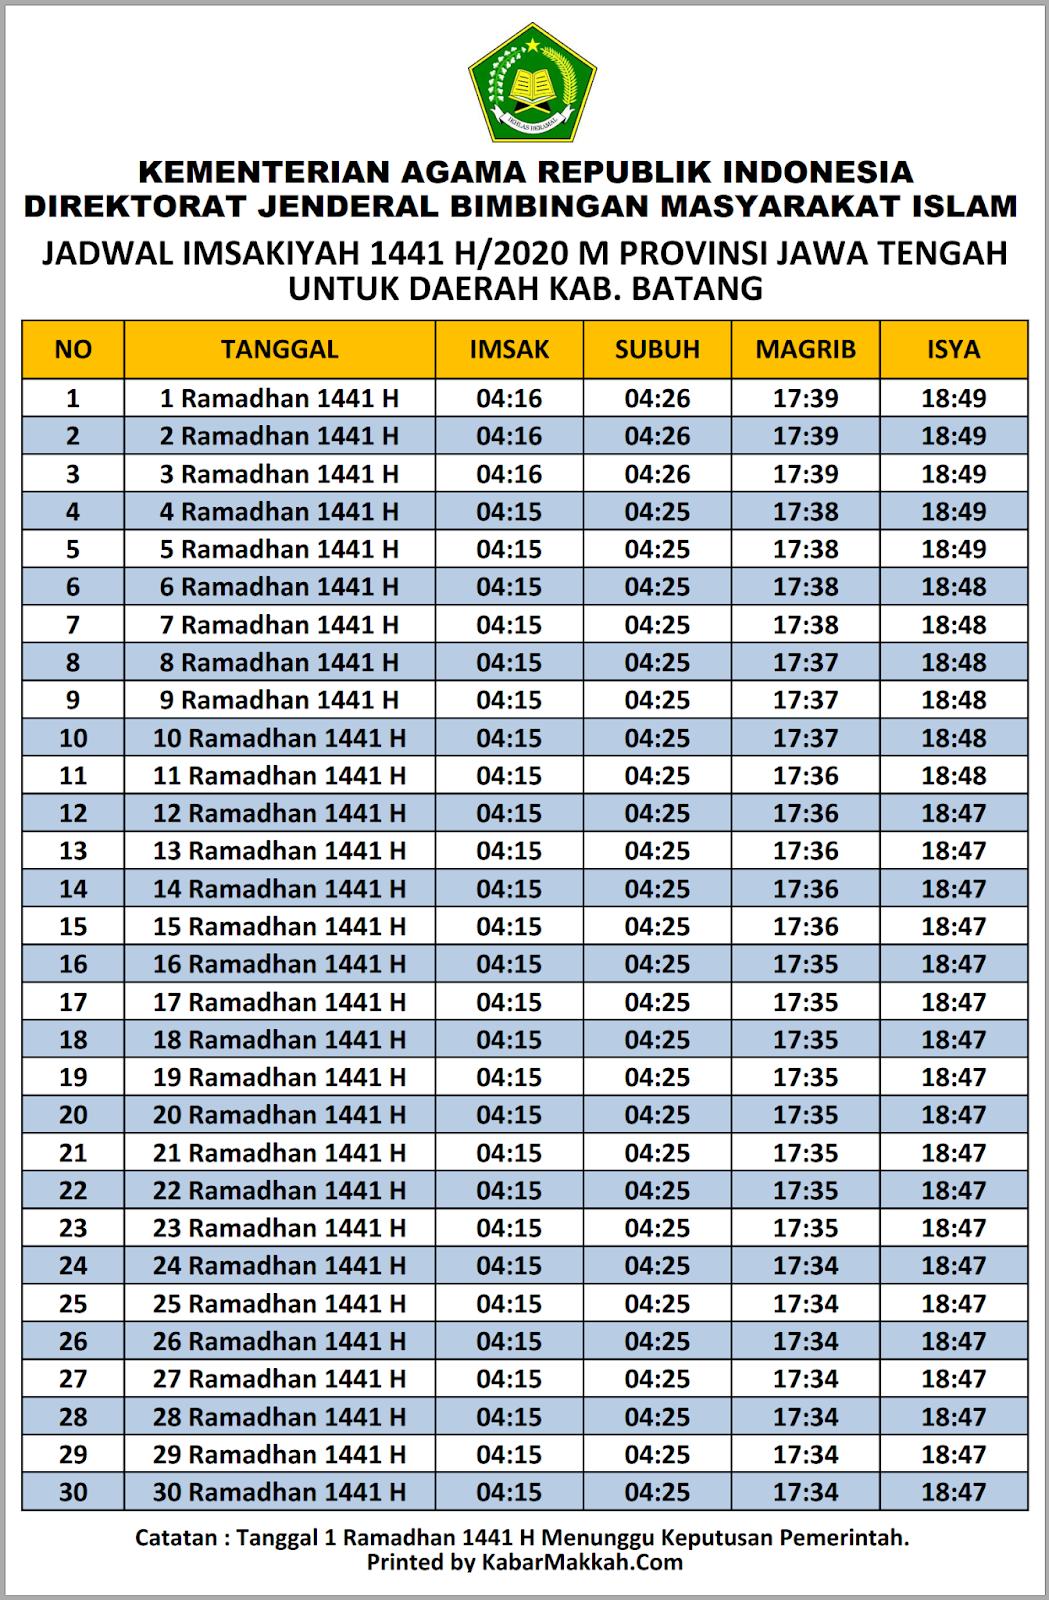 Jadwal Imsakiyah Batang 2020 / 1441 H